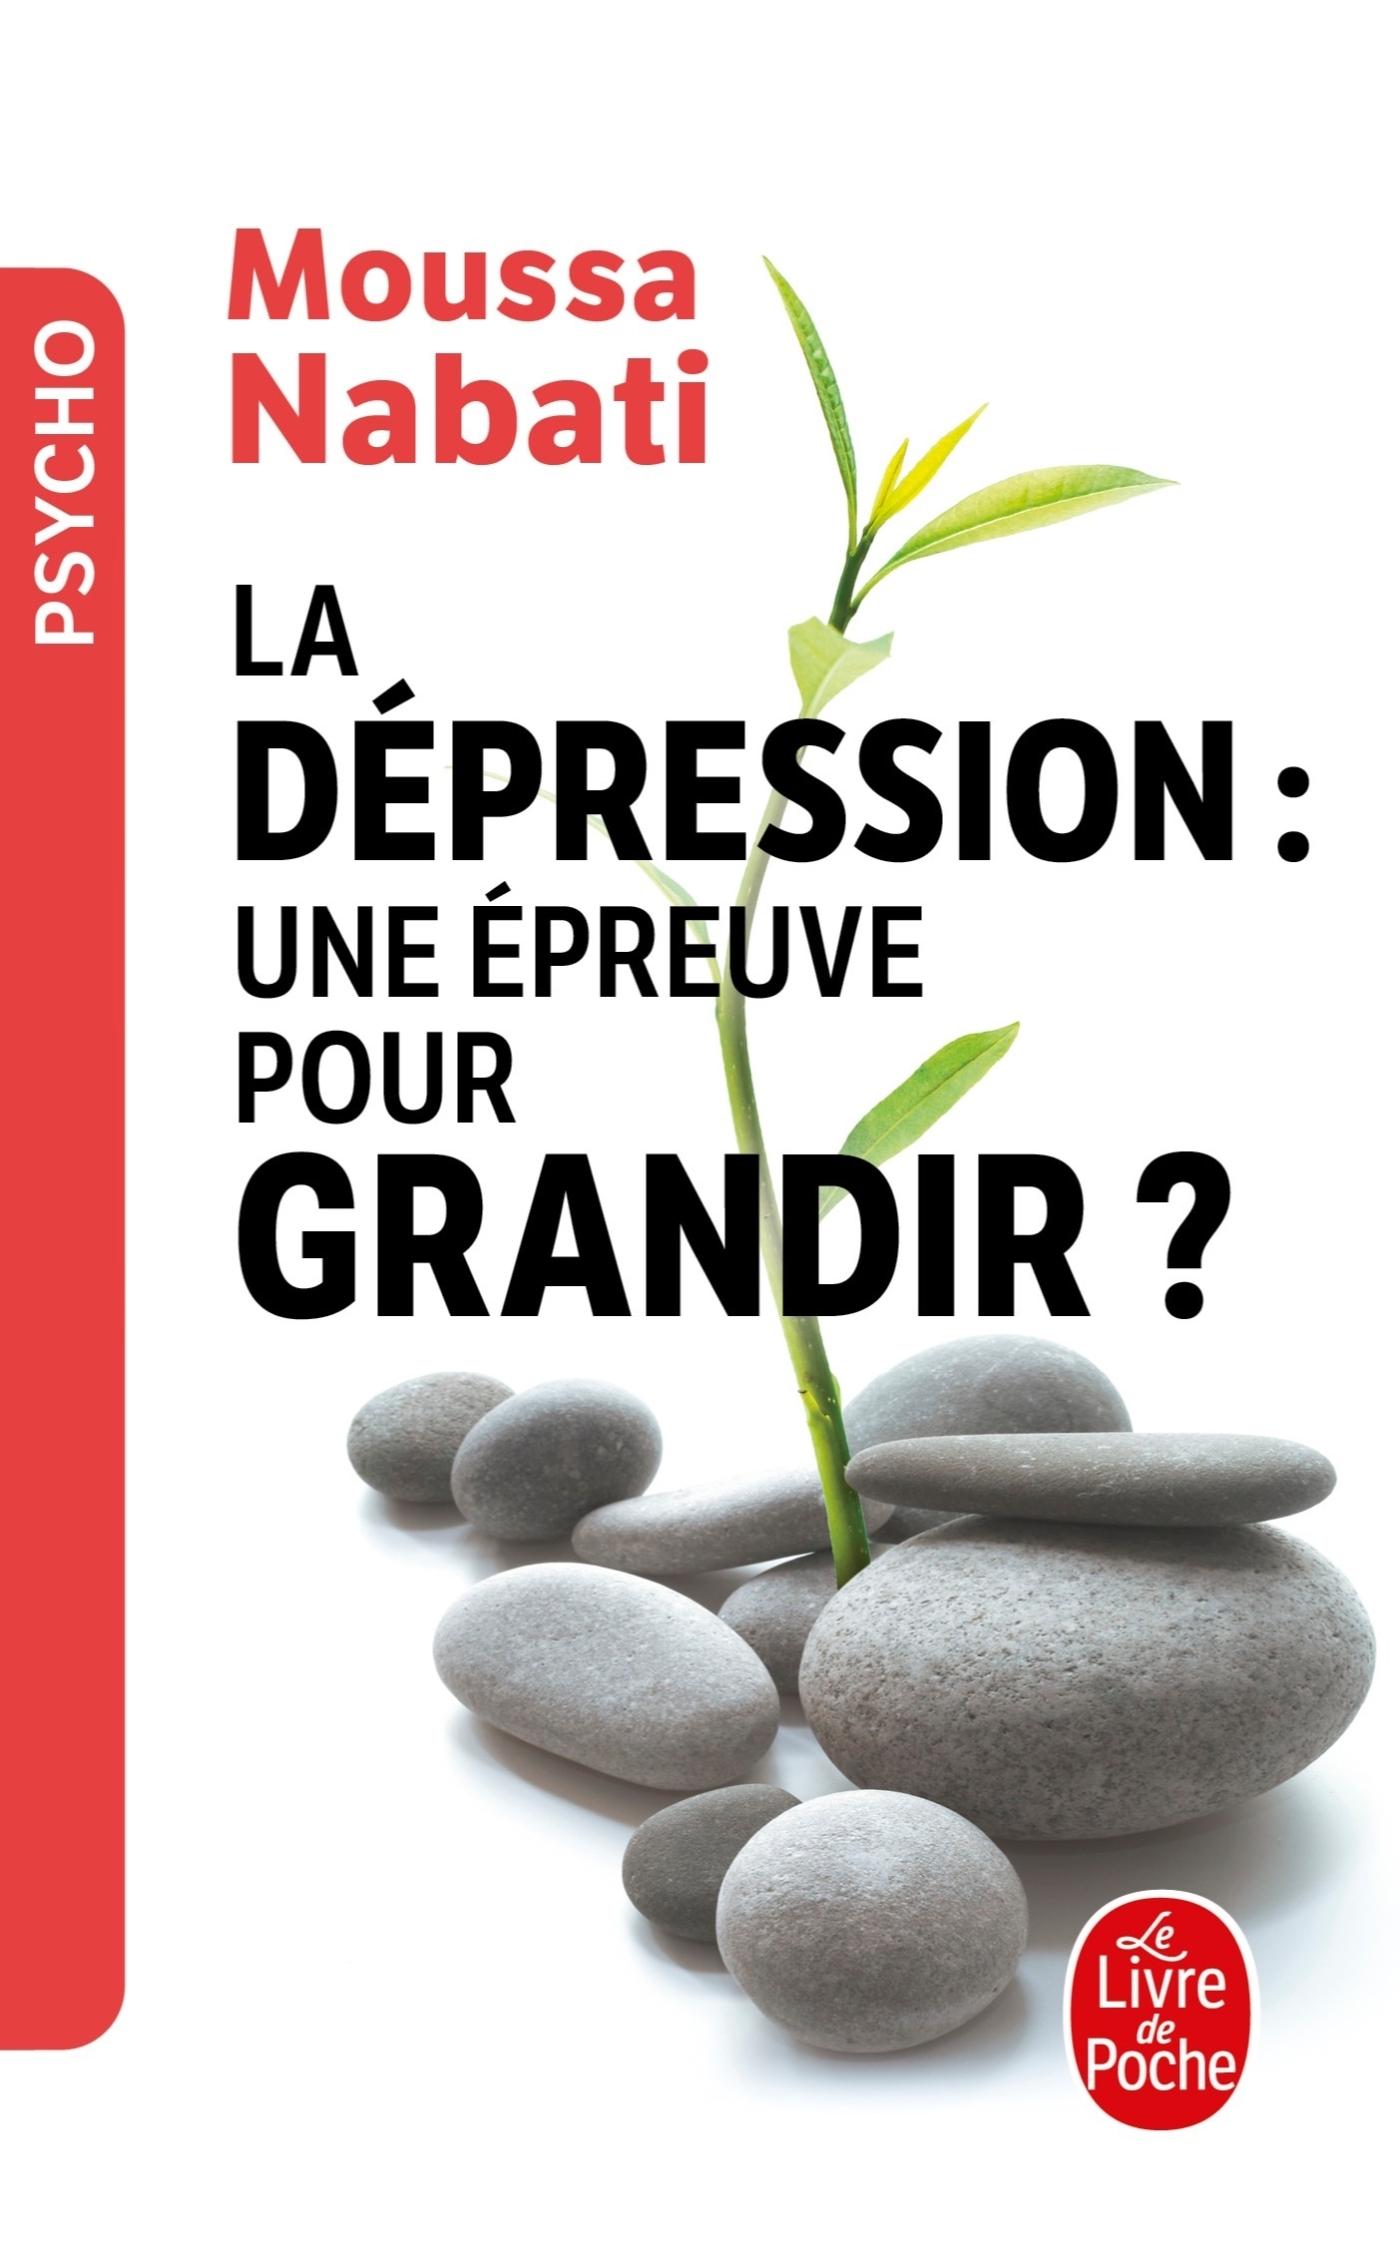 LA DEPRESSION, UNE EPREUVE POUR GRANDIR ?